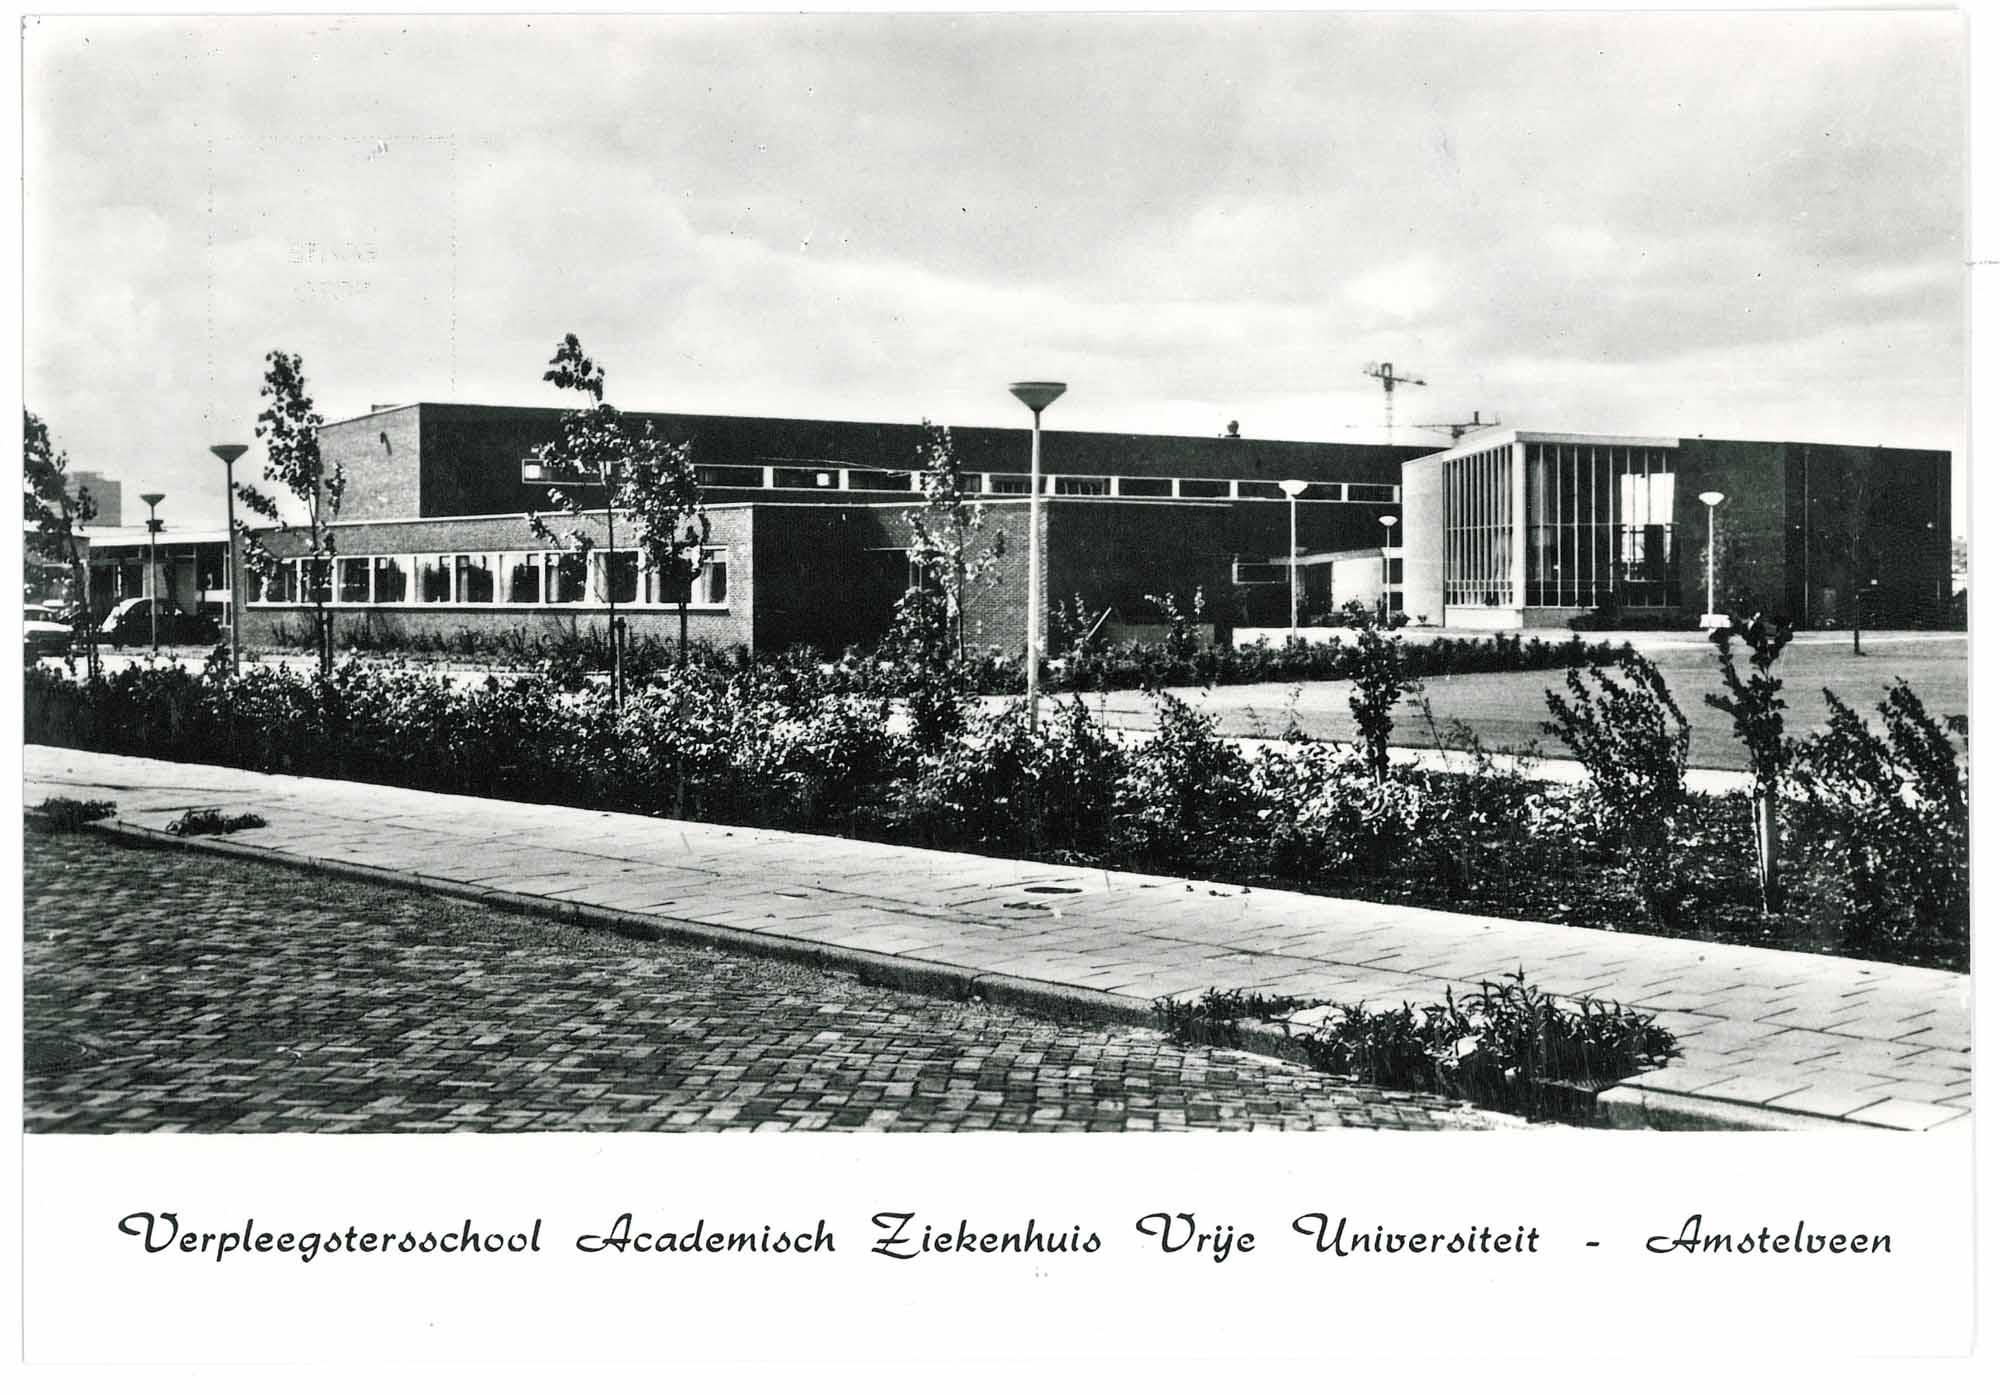 Verpleegstersschool van het Academisch Ziekenhuis der Vrije Universiteit.